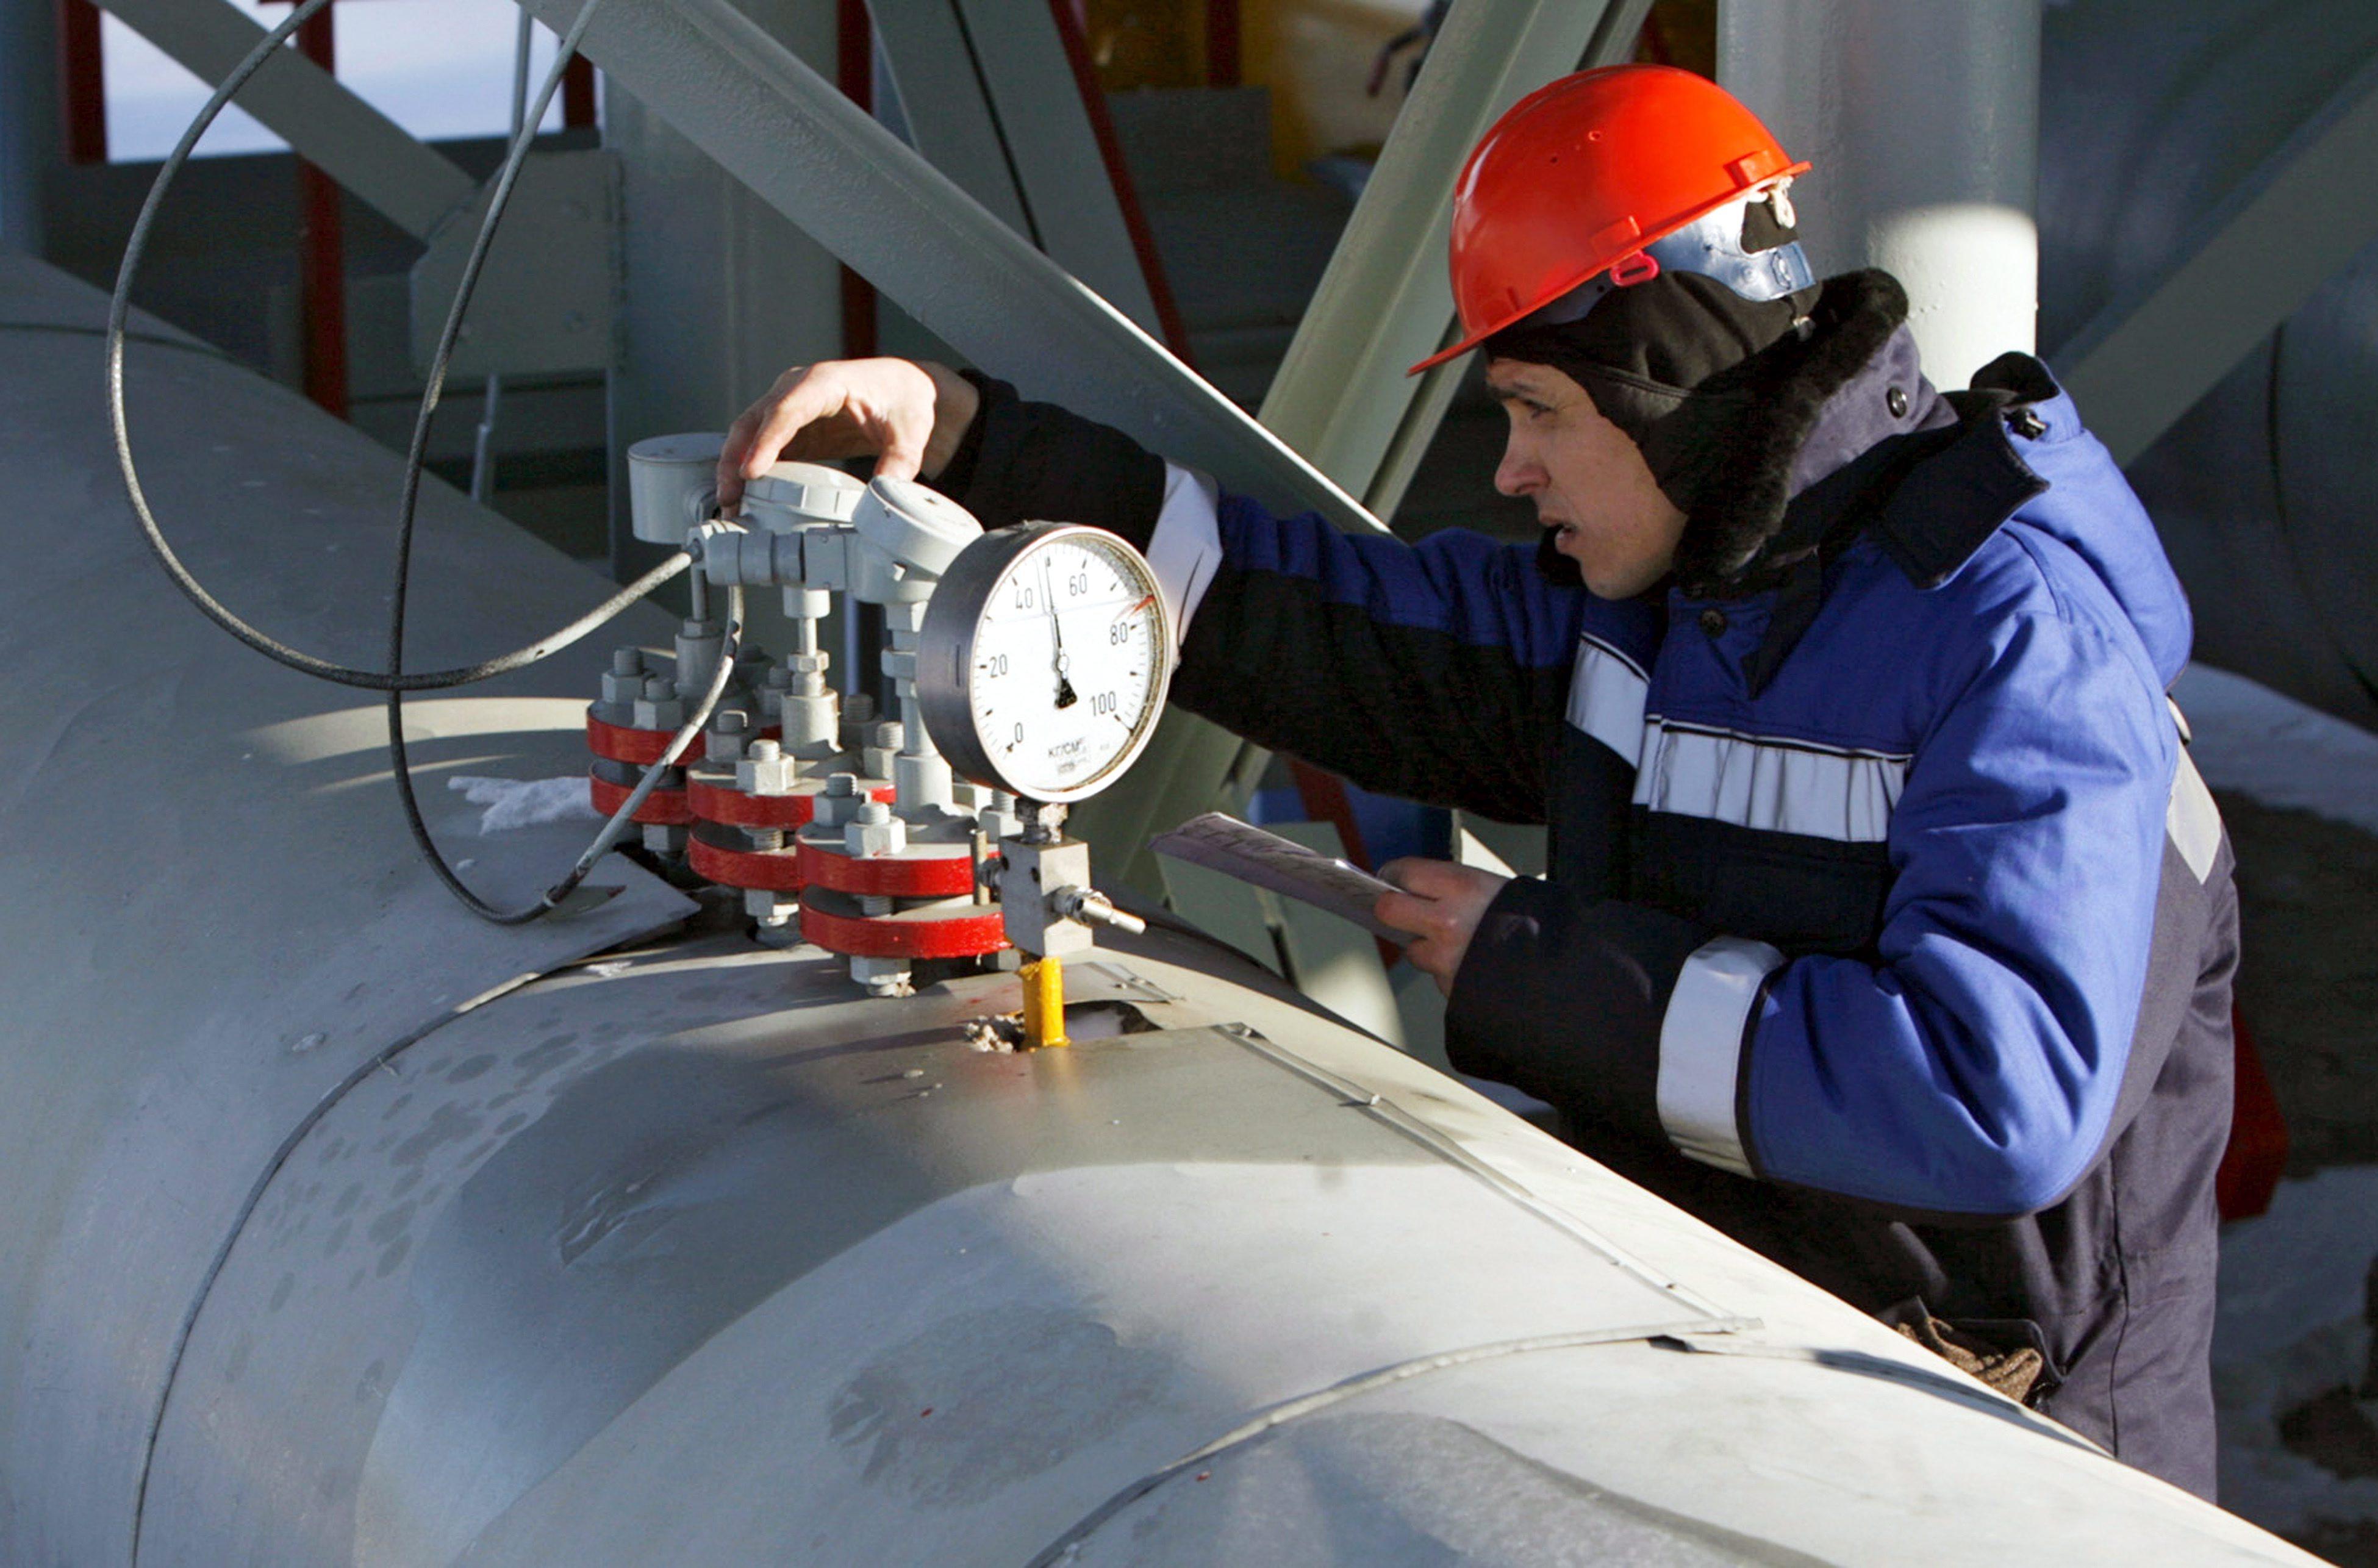 Ein Mitarbeiter von Gazprom arbeitet an einem Gasregler in Sudscha (Russland) nahe der ukrainischen Grenze:Die Tochtergesellschaft Gazprom Russkaya will eine Gasleitung durch das Schwarze Meer bis zur türkischen Küste verlegen.